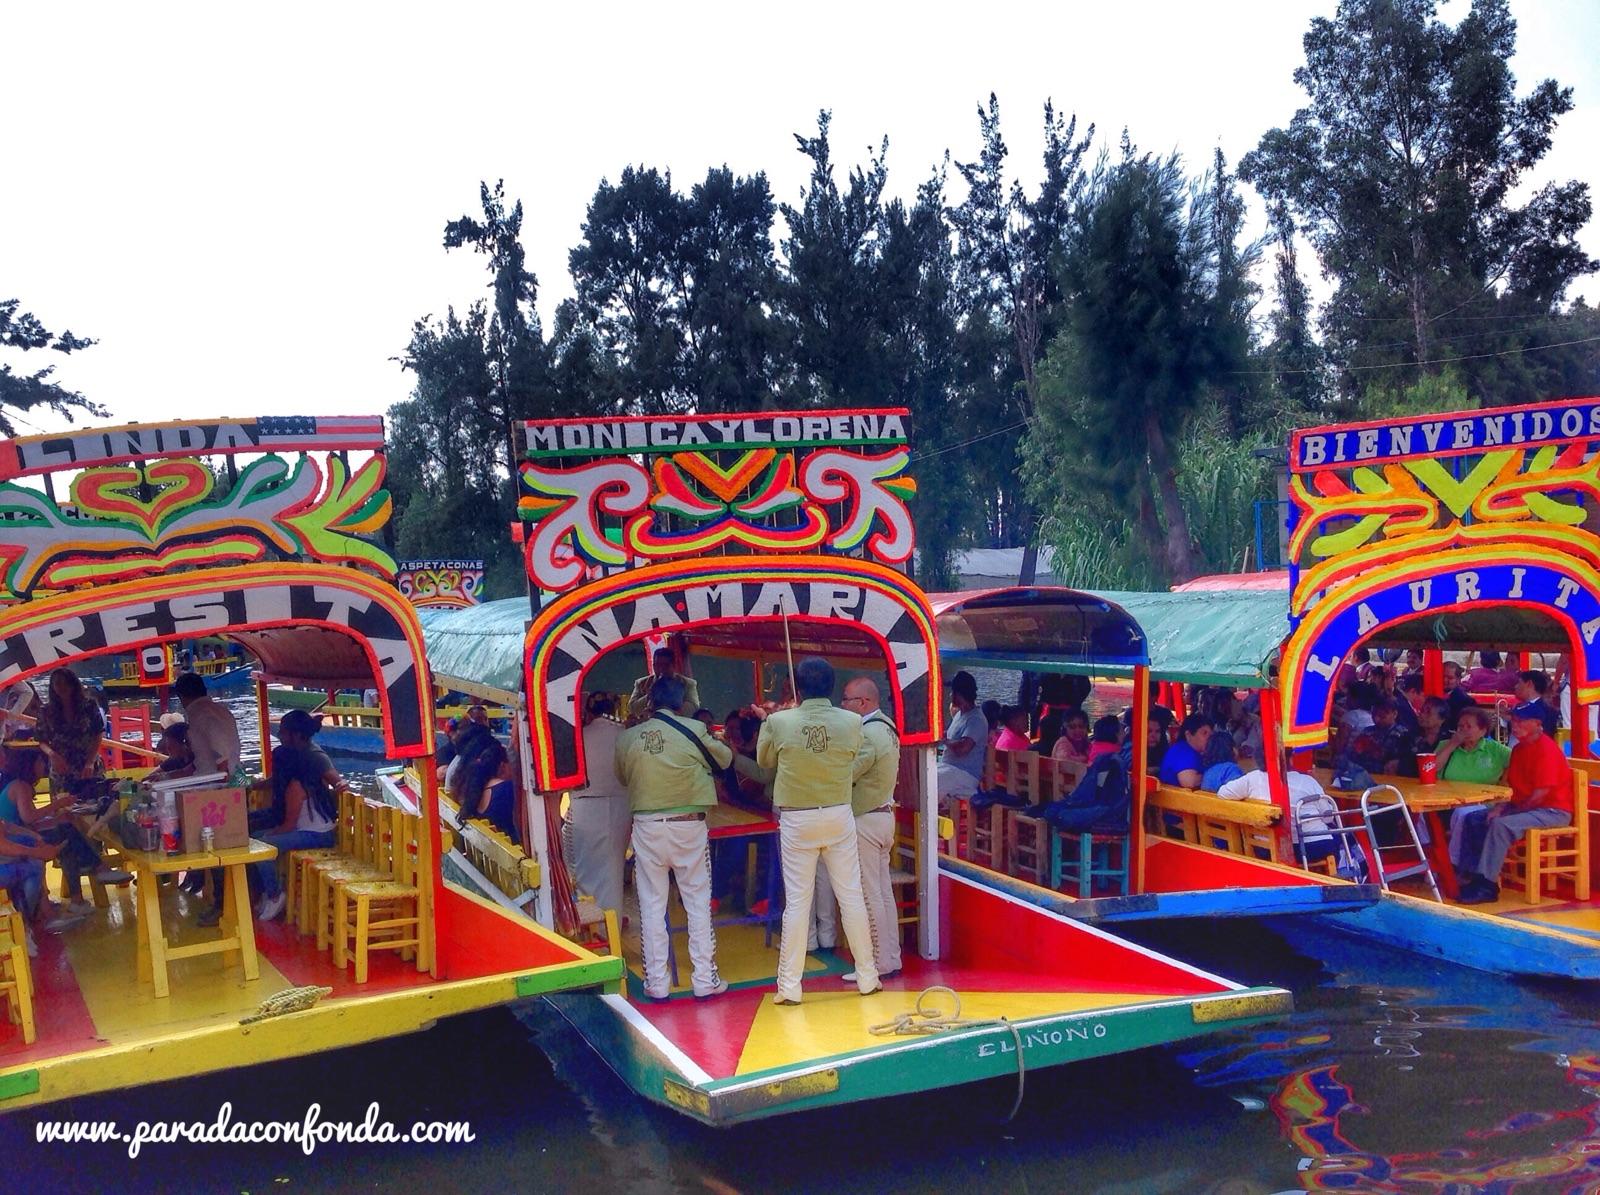 Disfrutar De Xochimilco En Una Trajinera Parada Y Fonda De Un Viajero